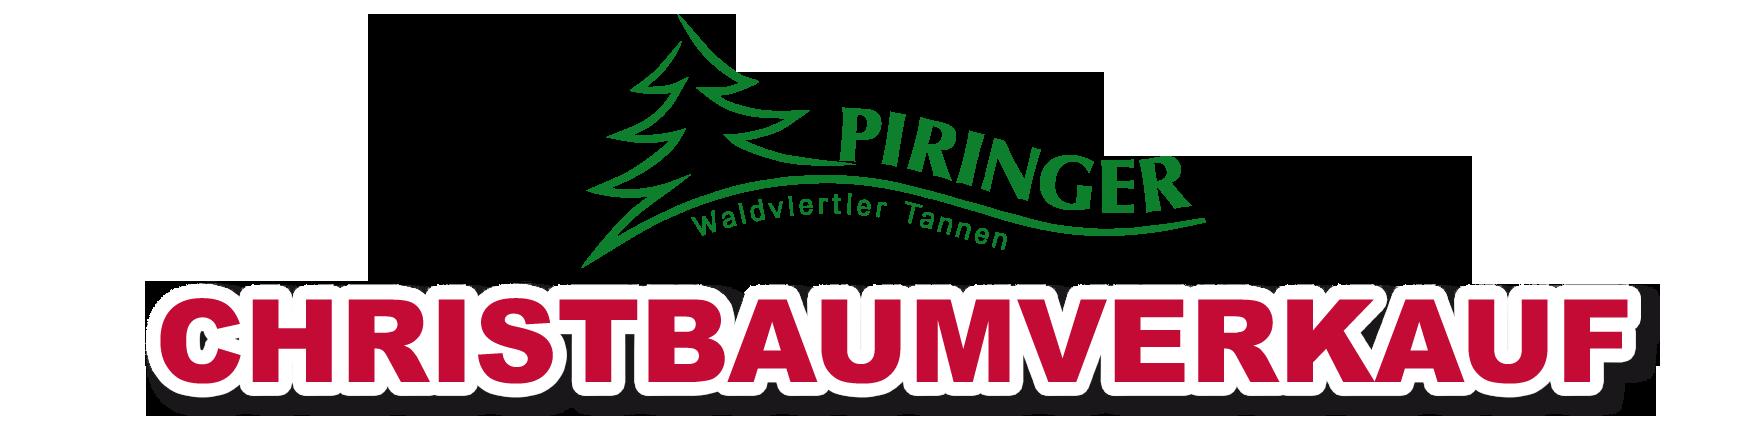 Christbaumverkauf, Christbaum Trends 2019, Christbaum online kaufen Österreich